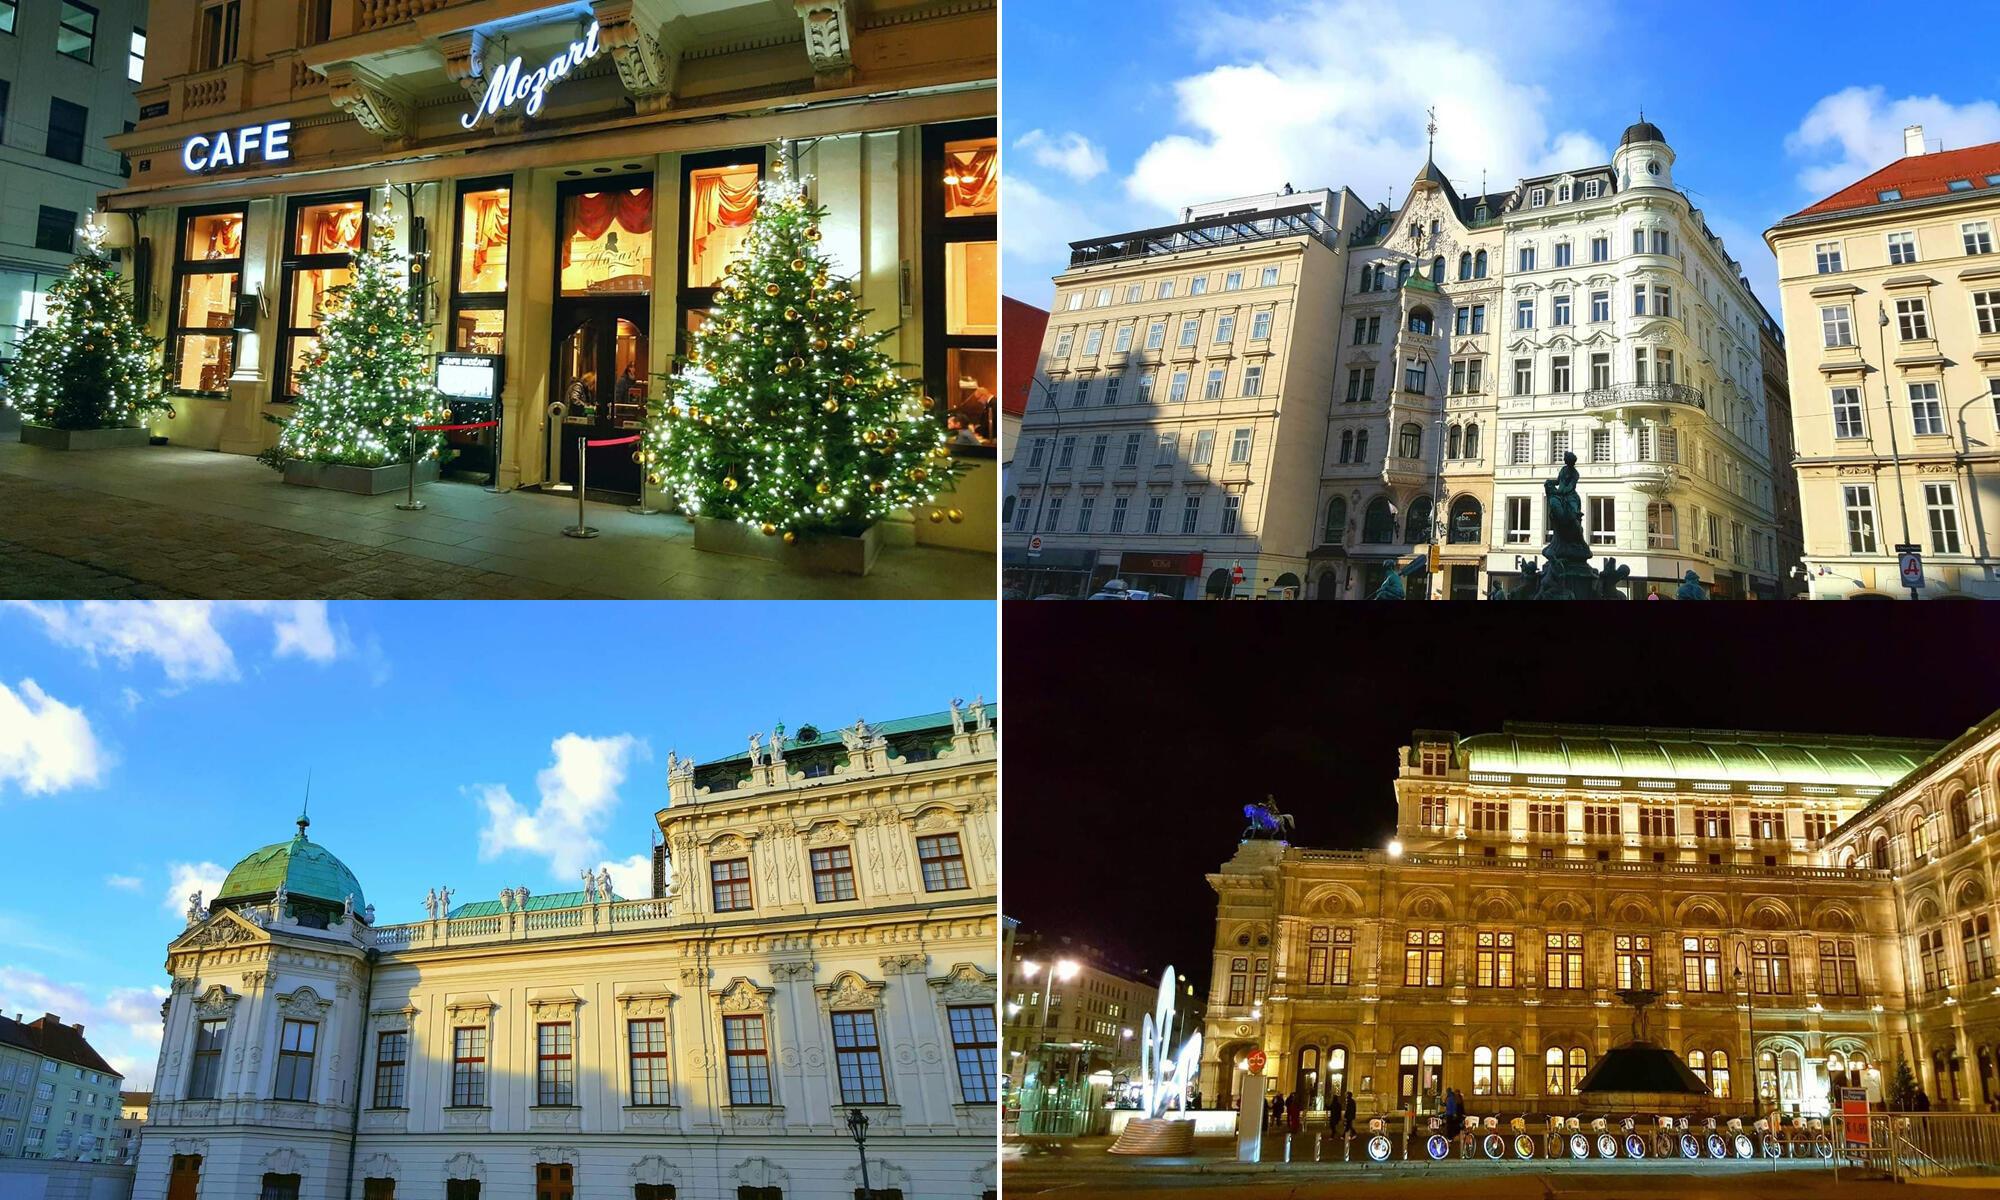 Vé máy bay đến Vienna vào tháng 9 tương đối rẻ, nhưng giá khách sạn vẫn còn cao